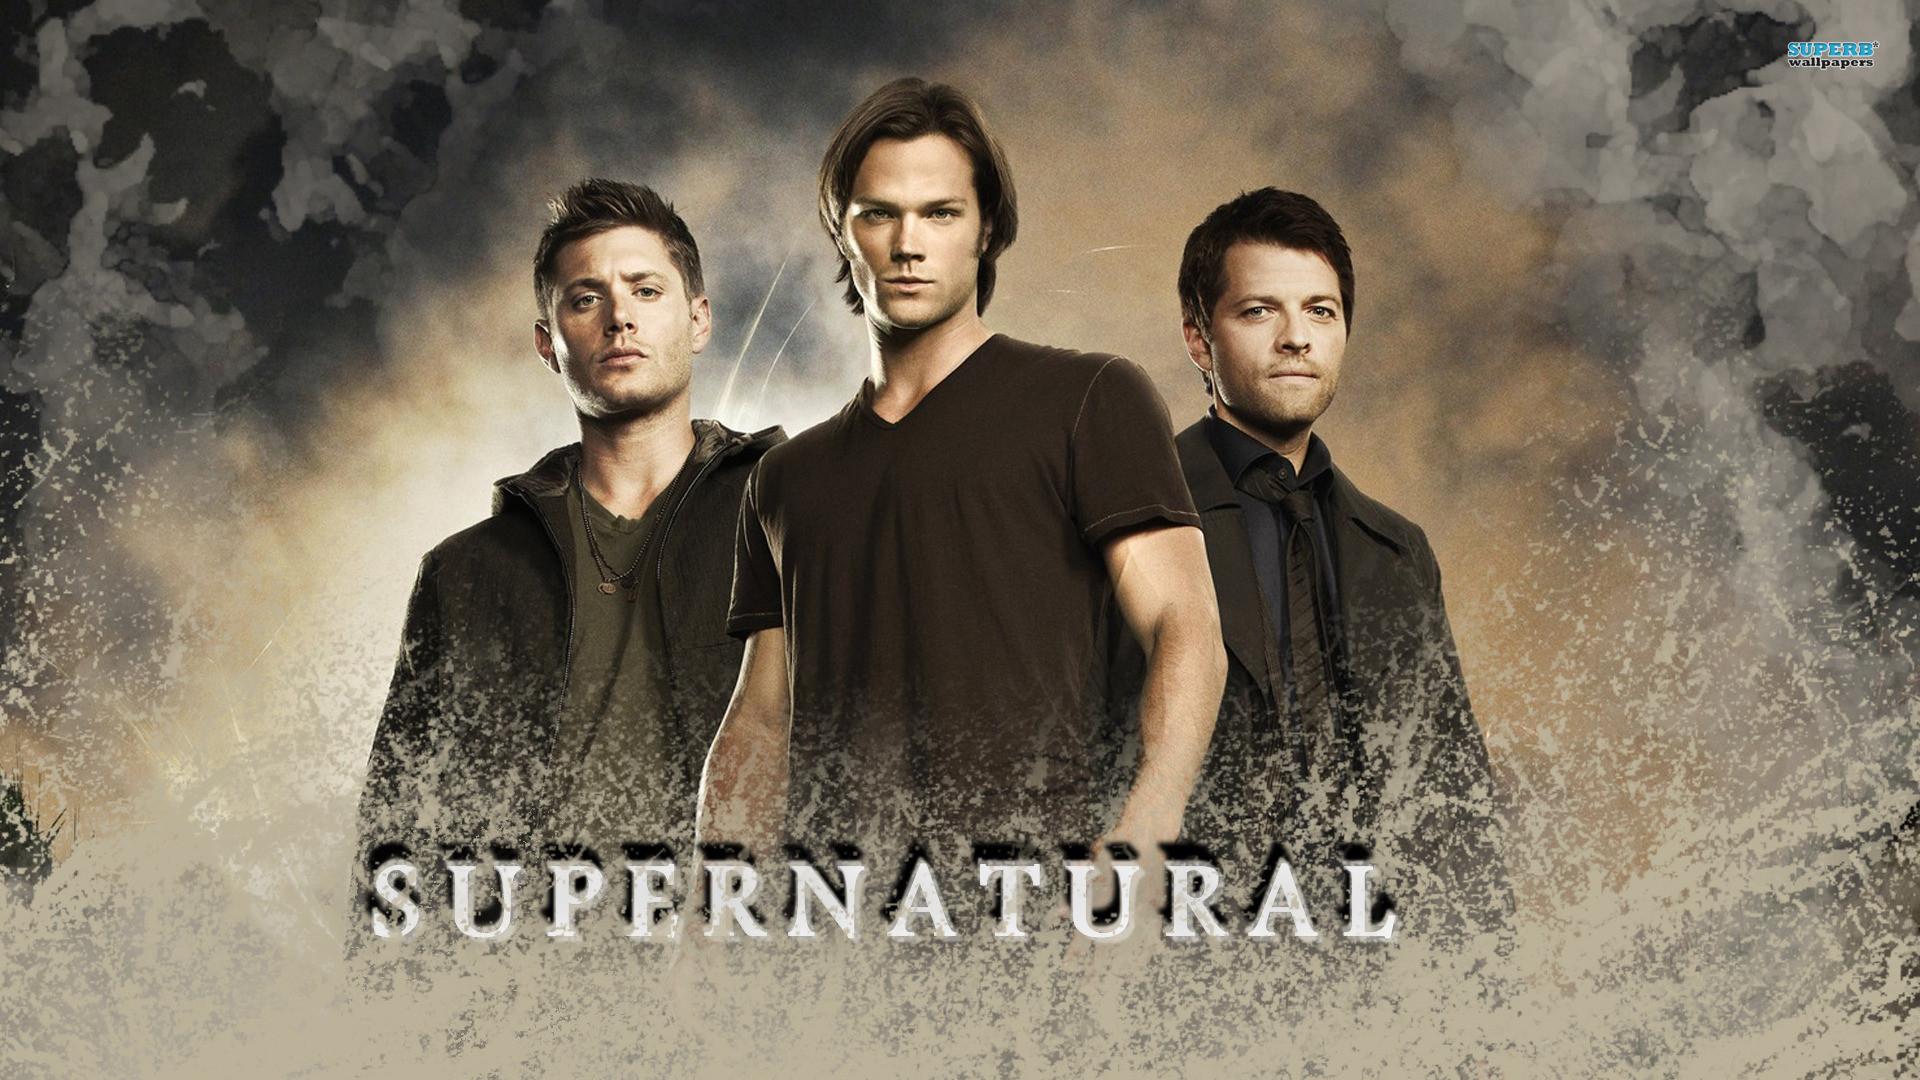 Supernatural Desktop Backgrounds 81 Images